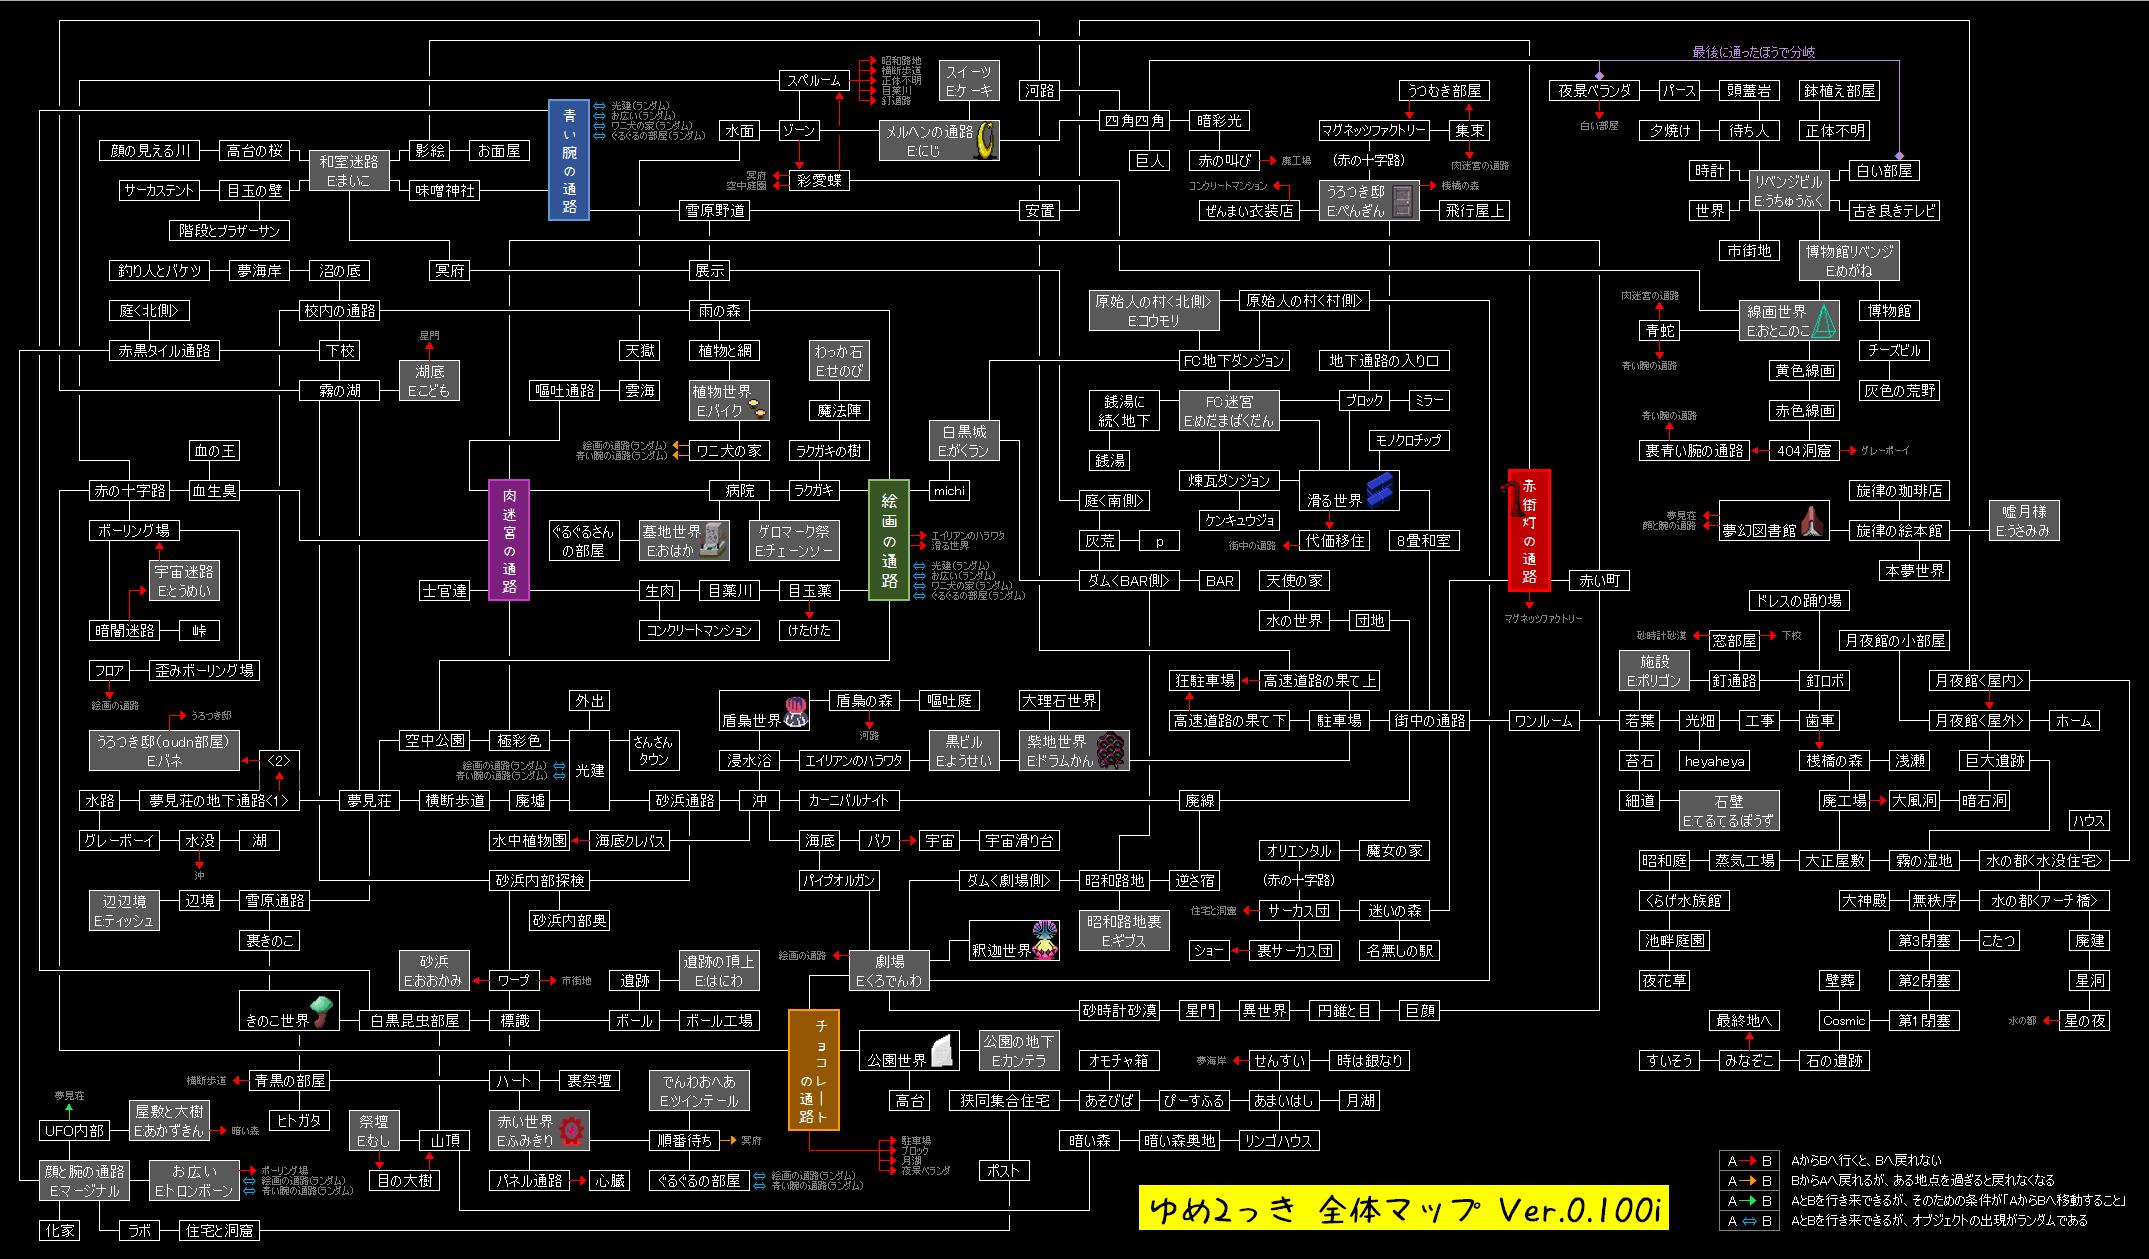 yume2kki_map_ver0100i.png